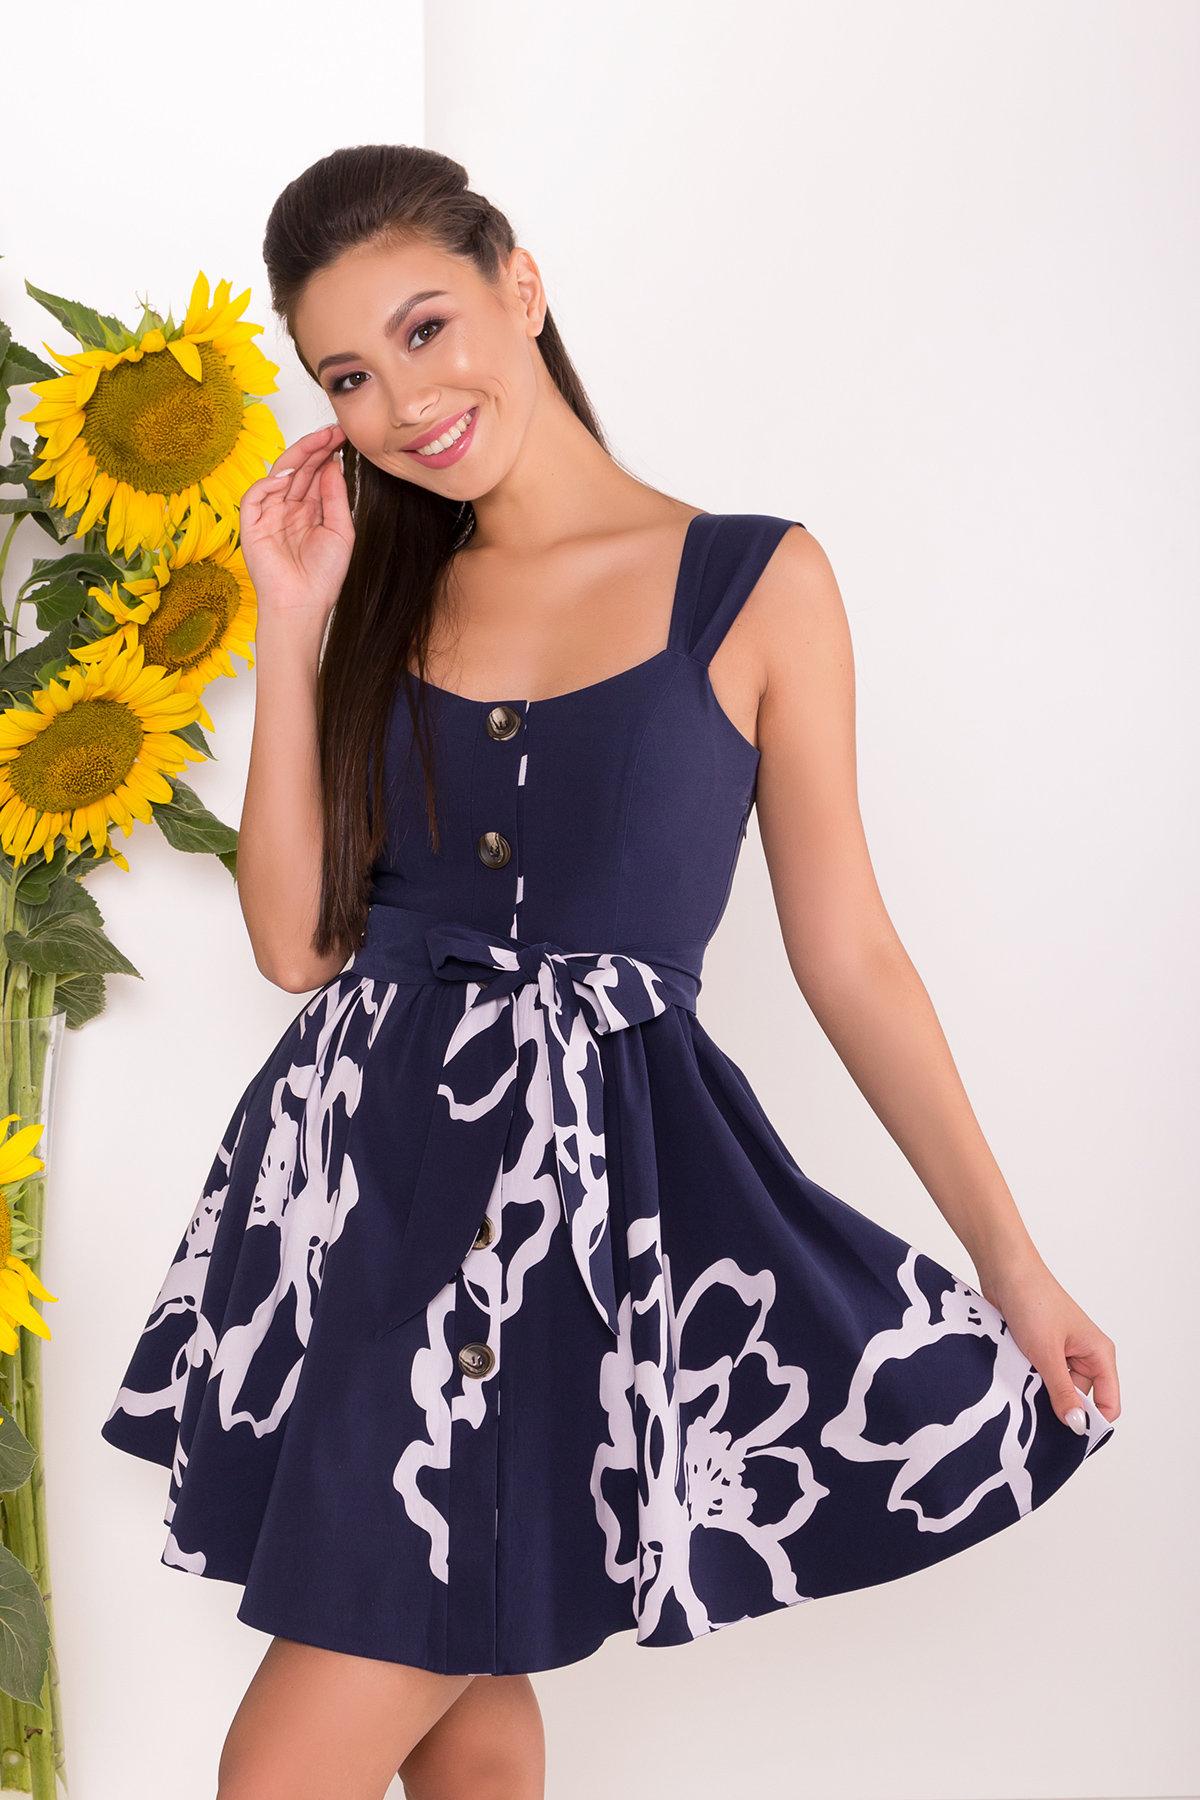 Платье Джонни 7615 АРТ. 43547 Цвет: Цветы белый,т.синий - фото 3, интернет магазин tm-modus.ru